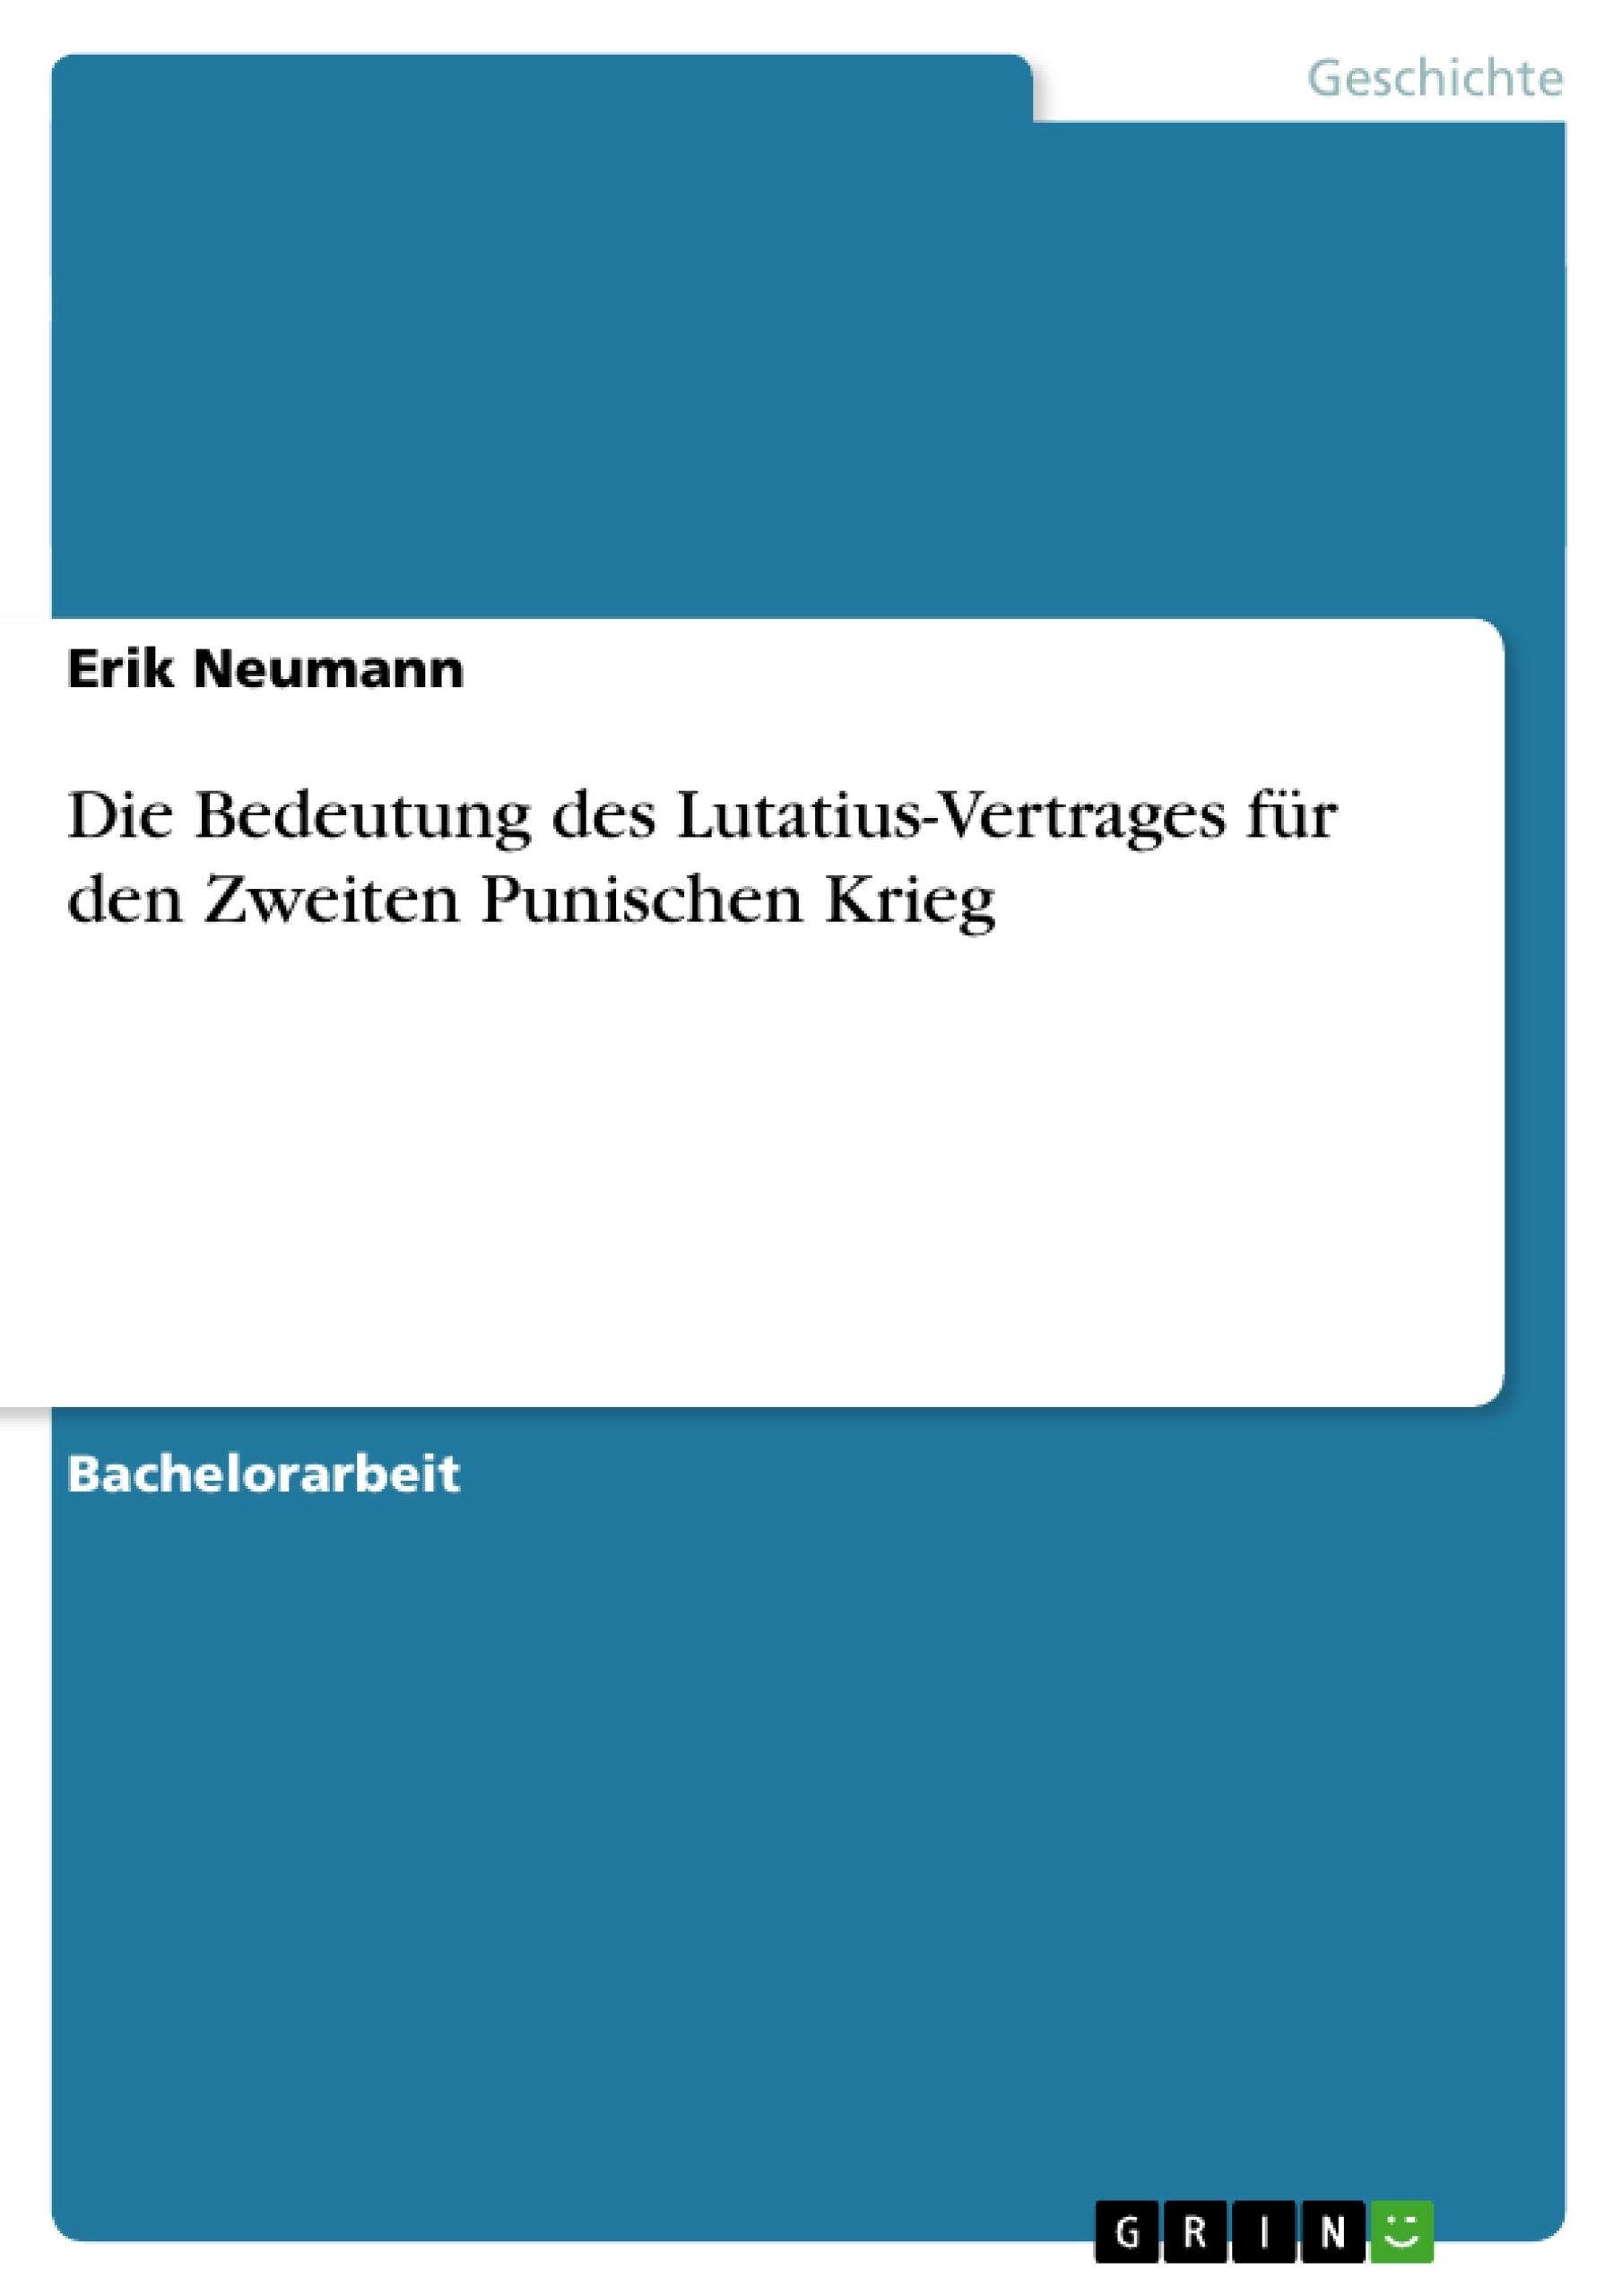 Titel: Die Bedeutung des Lutatius-Vertrages für den Zweiten Punischen Krieg